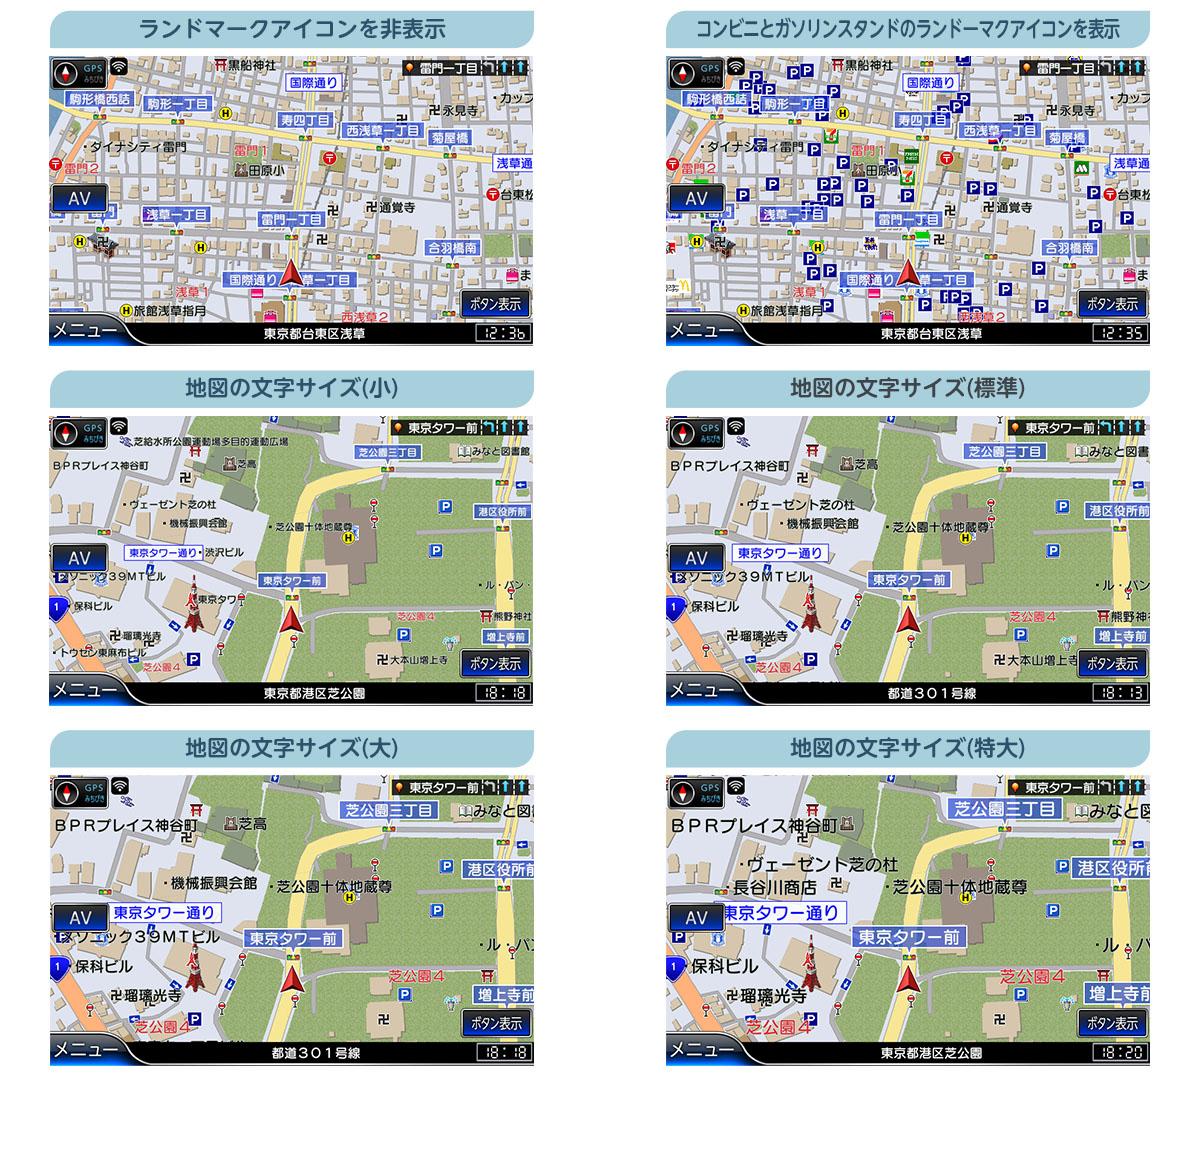 カスタマイズできる地図